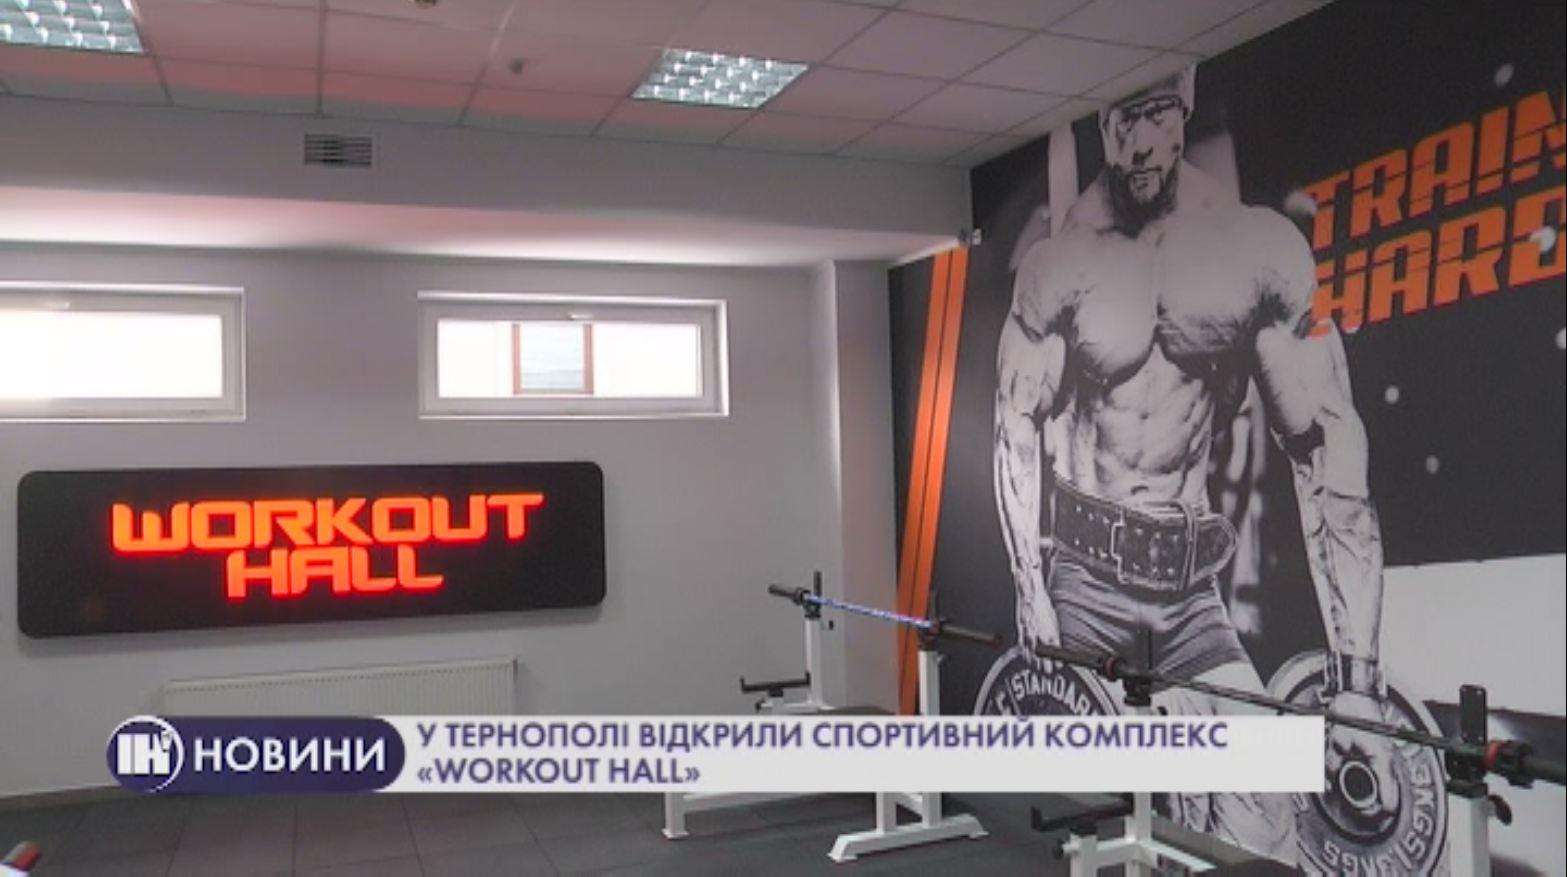 У Тернополі відкрили спортивний комплекс «Workout Hall»